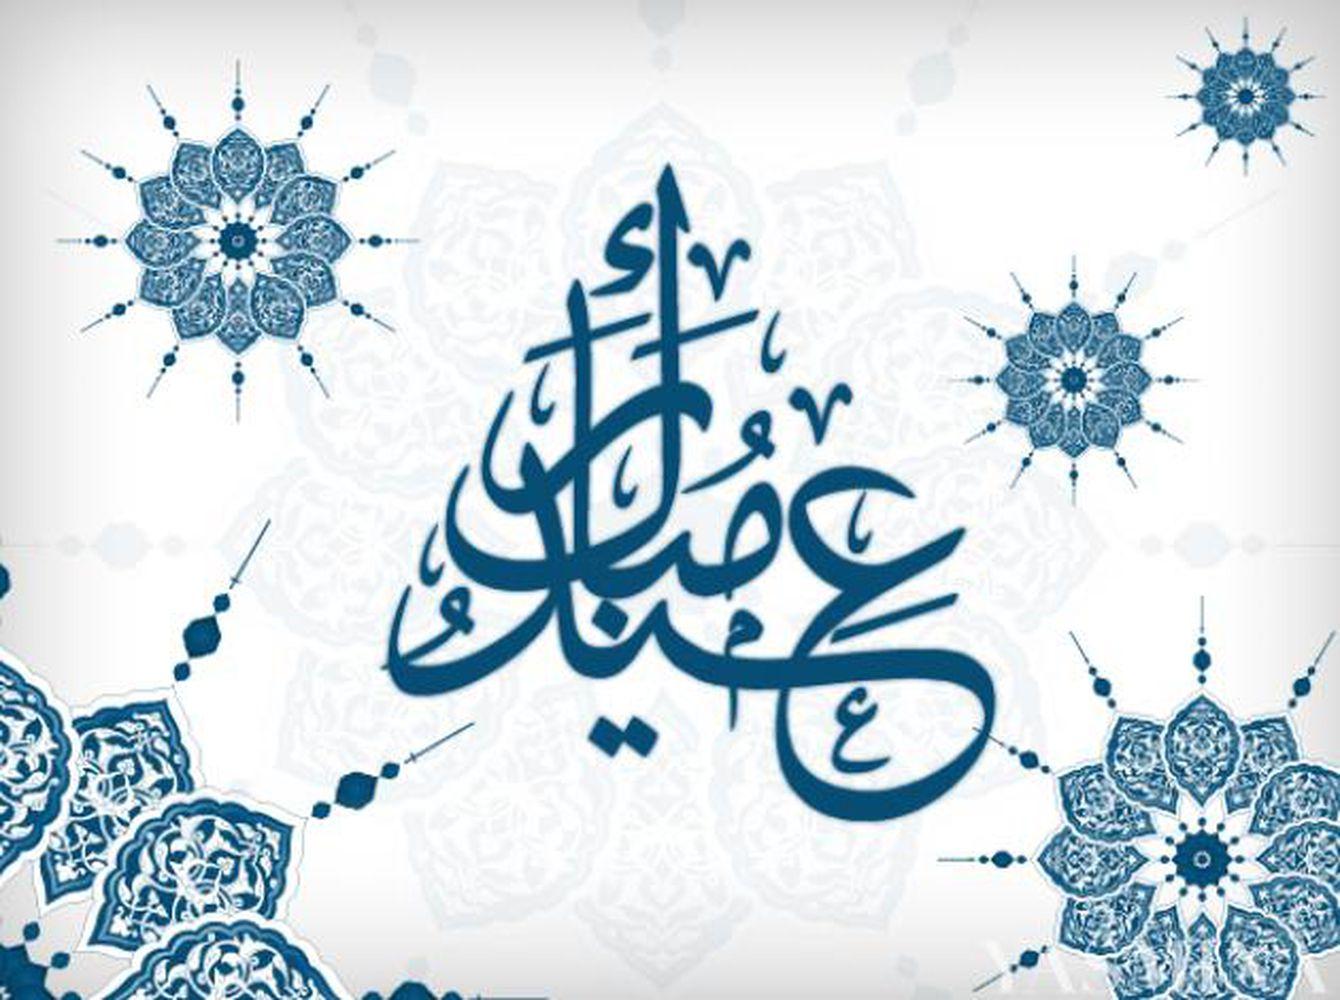 صور تهنئة عيد الفطر المبارك 2020 صور عيد فطر سعيد